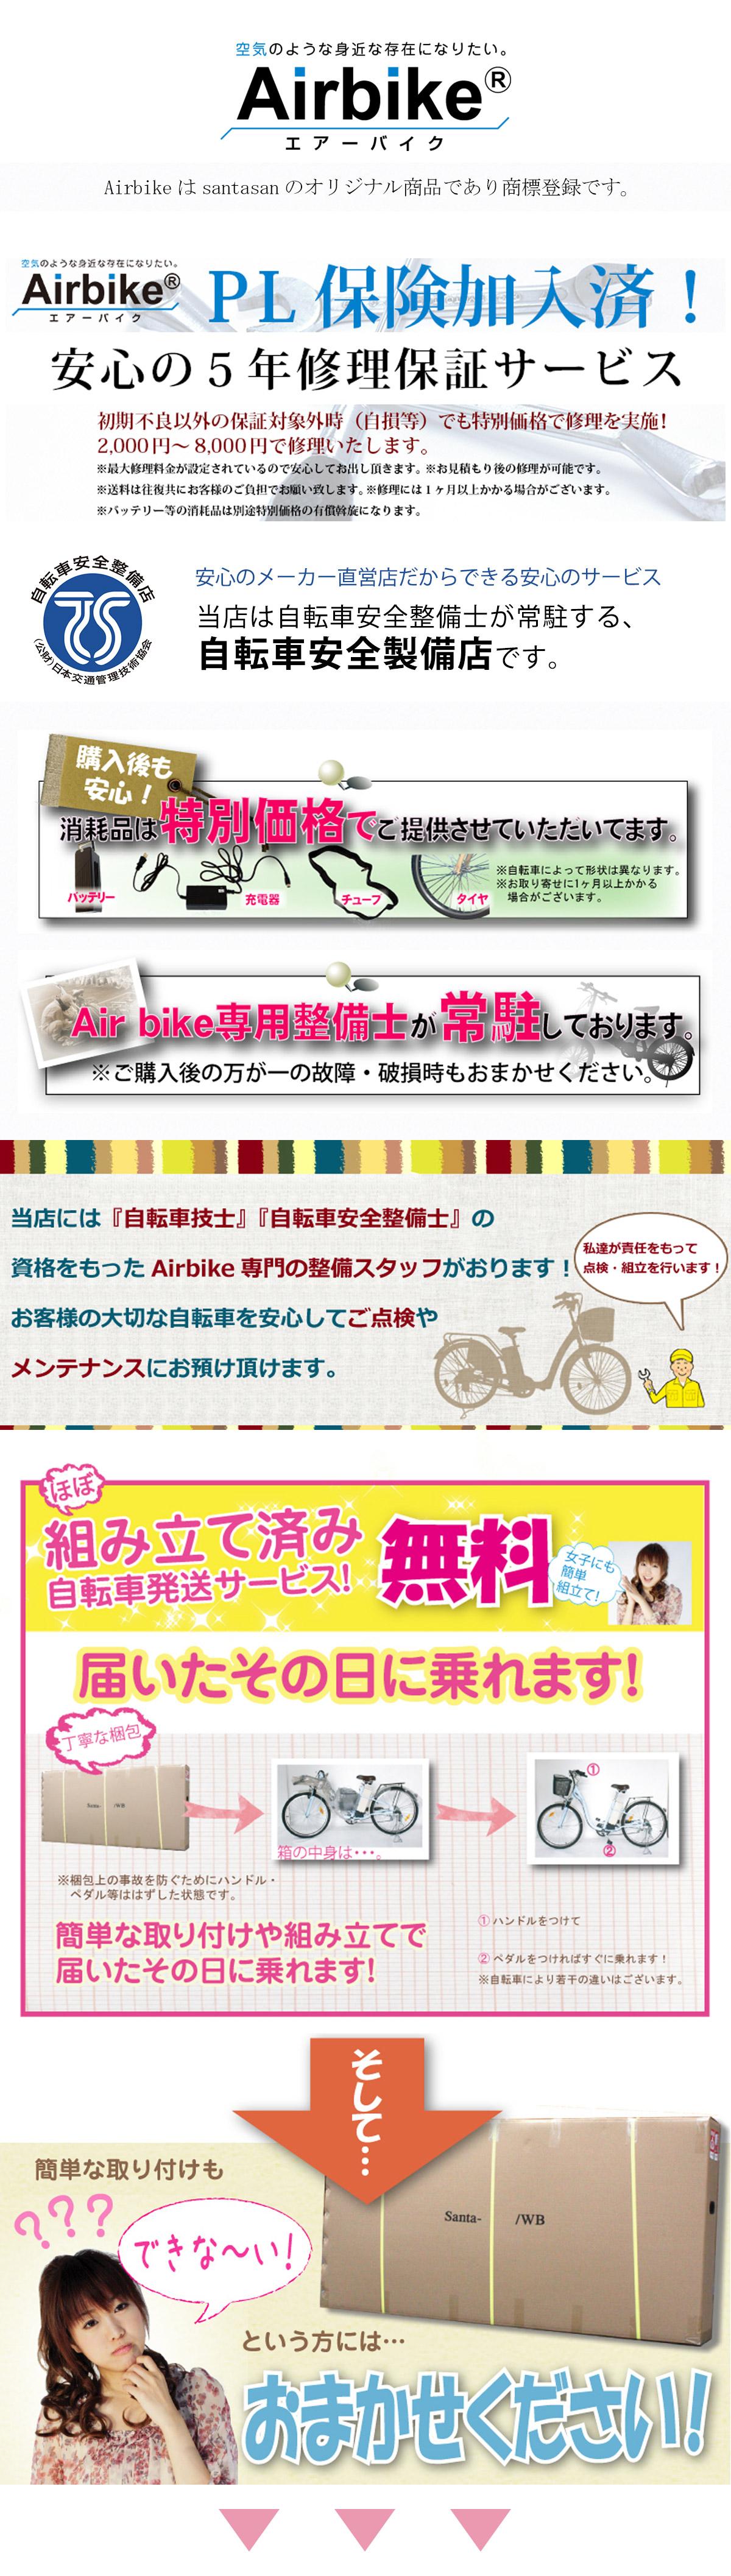 電動自転車 登録